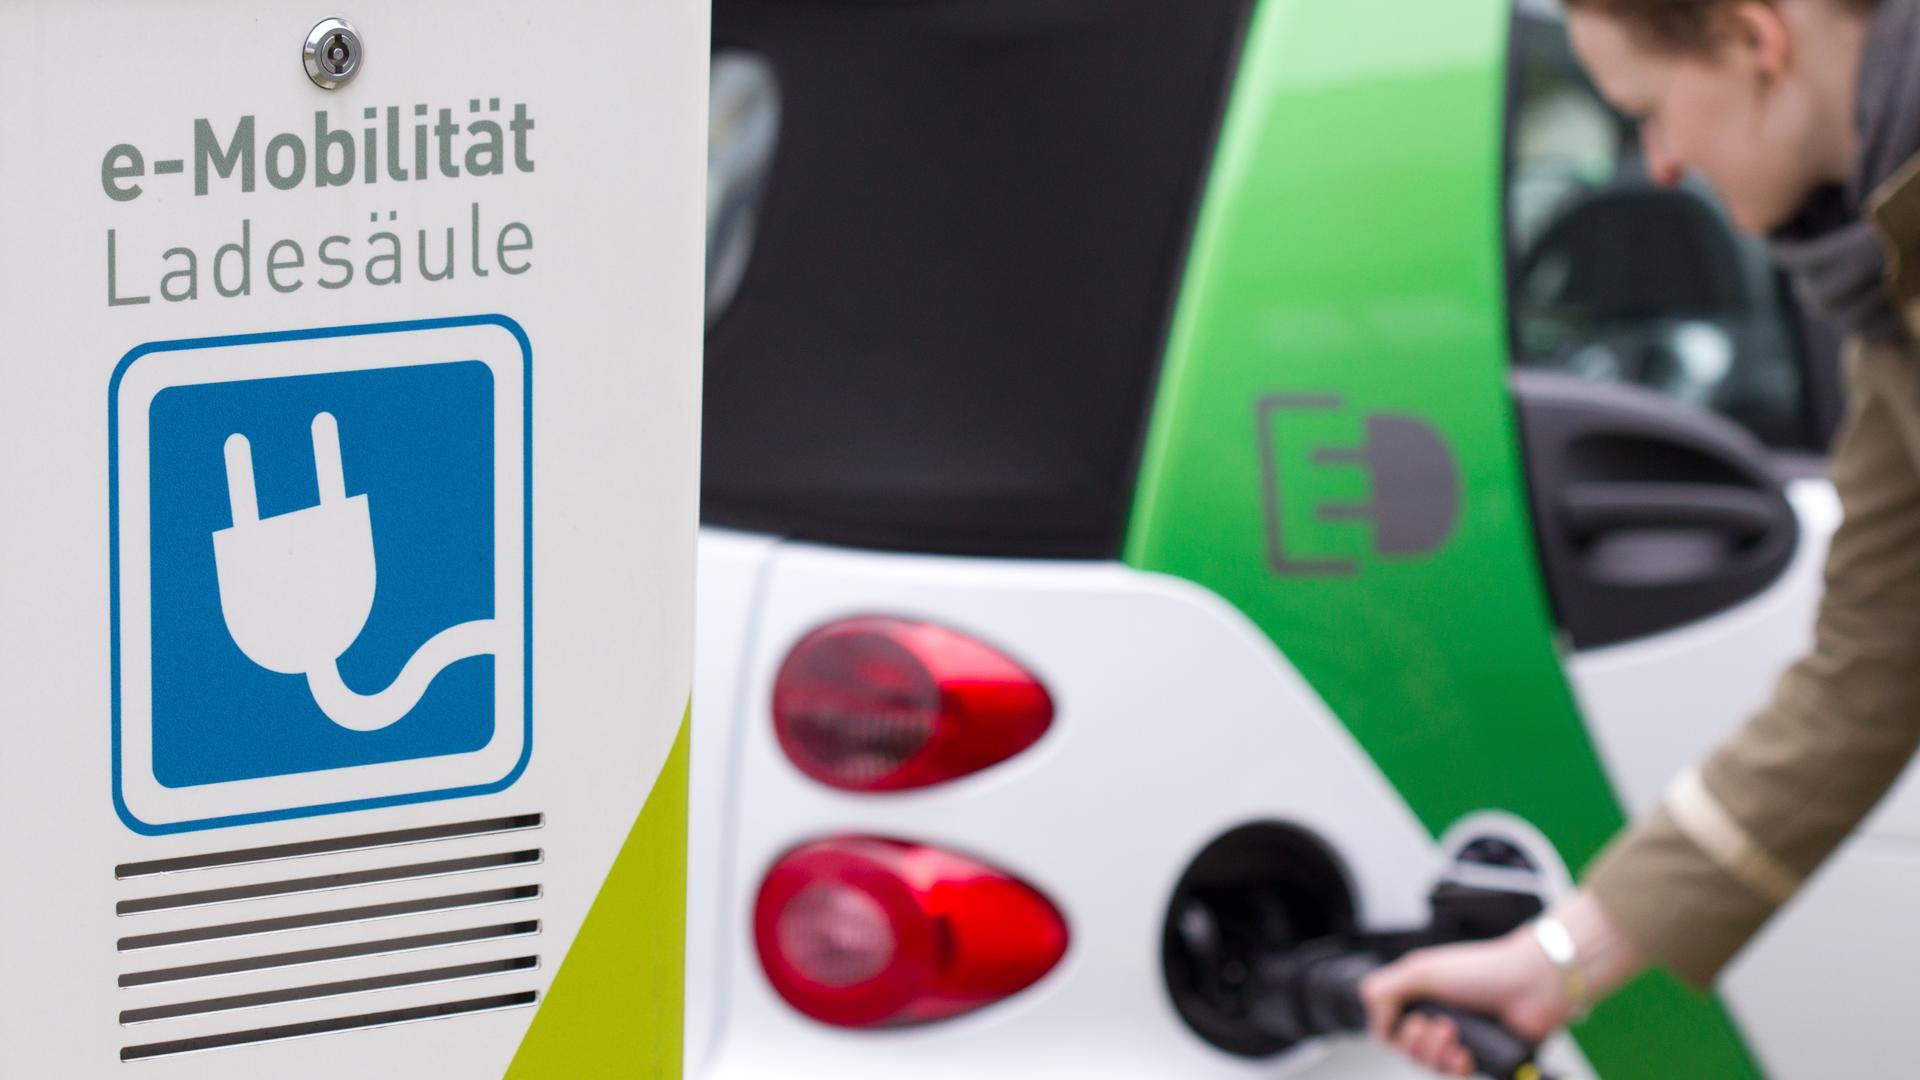 Ein Ladestecker wird ausgehend von einer e-Mobilität Ladesäule in die Ladedose eines batteriebetriebenes Fahrzeugs gesteckt.